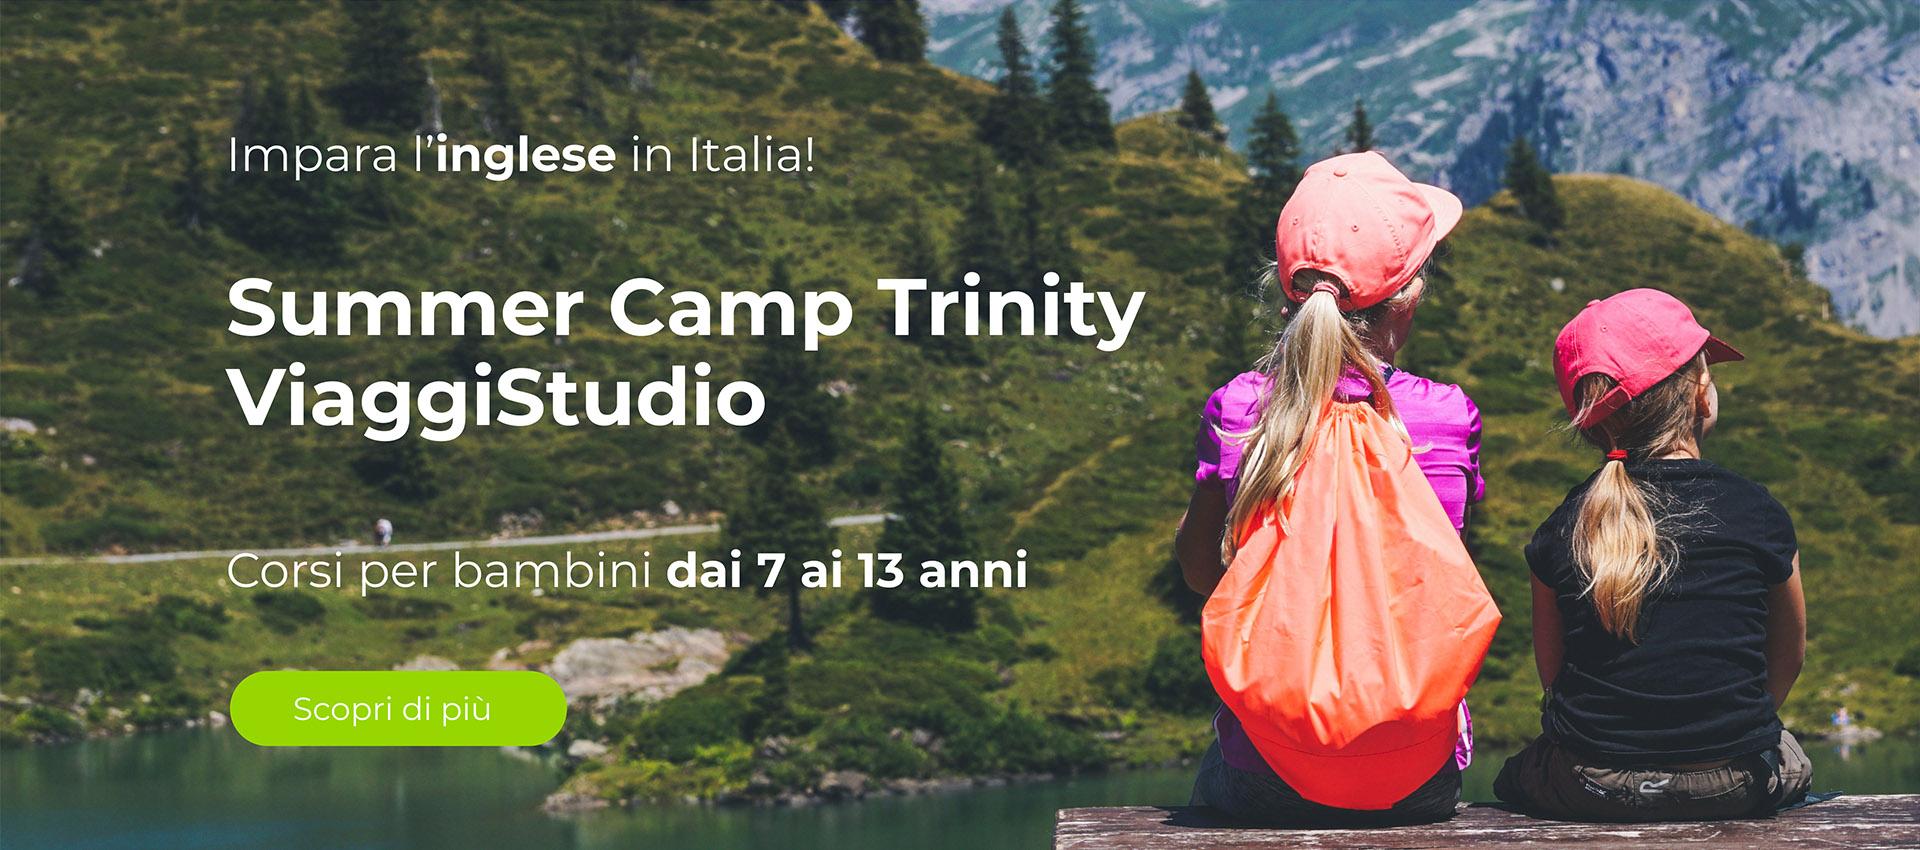 trinity_sito_mac_9